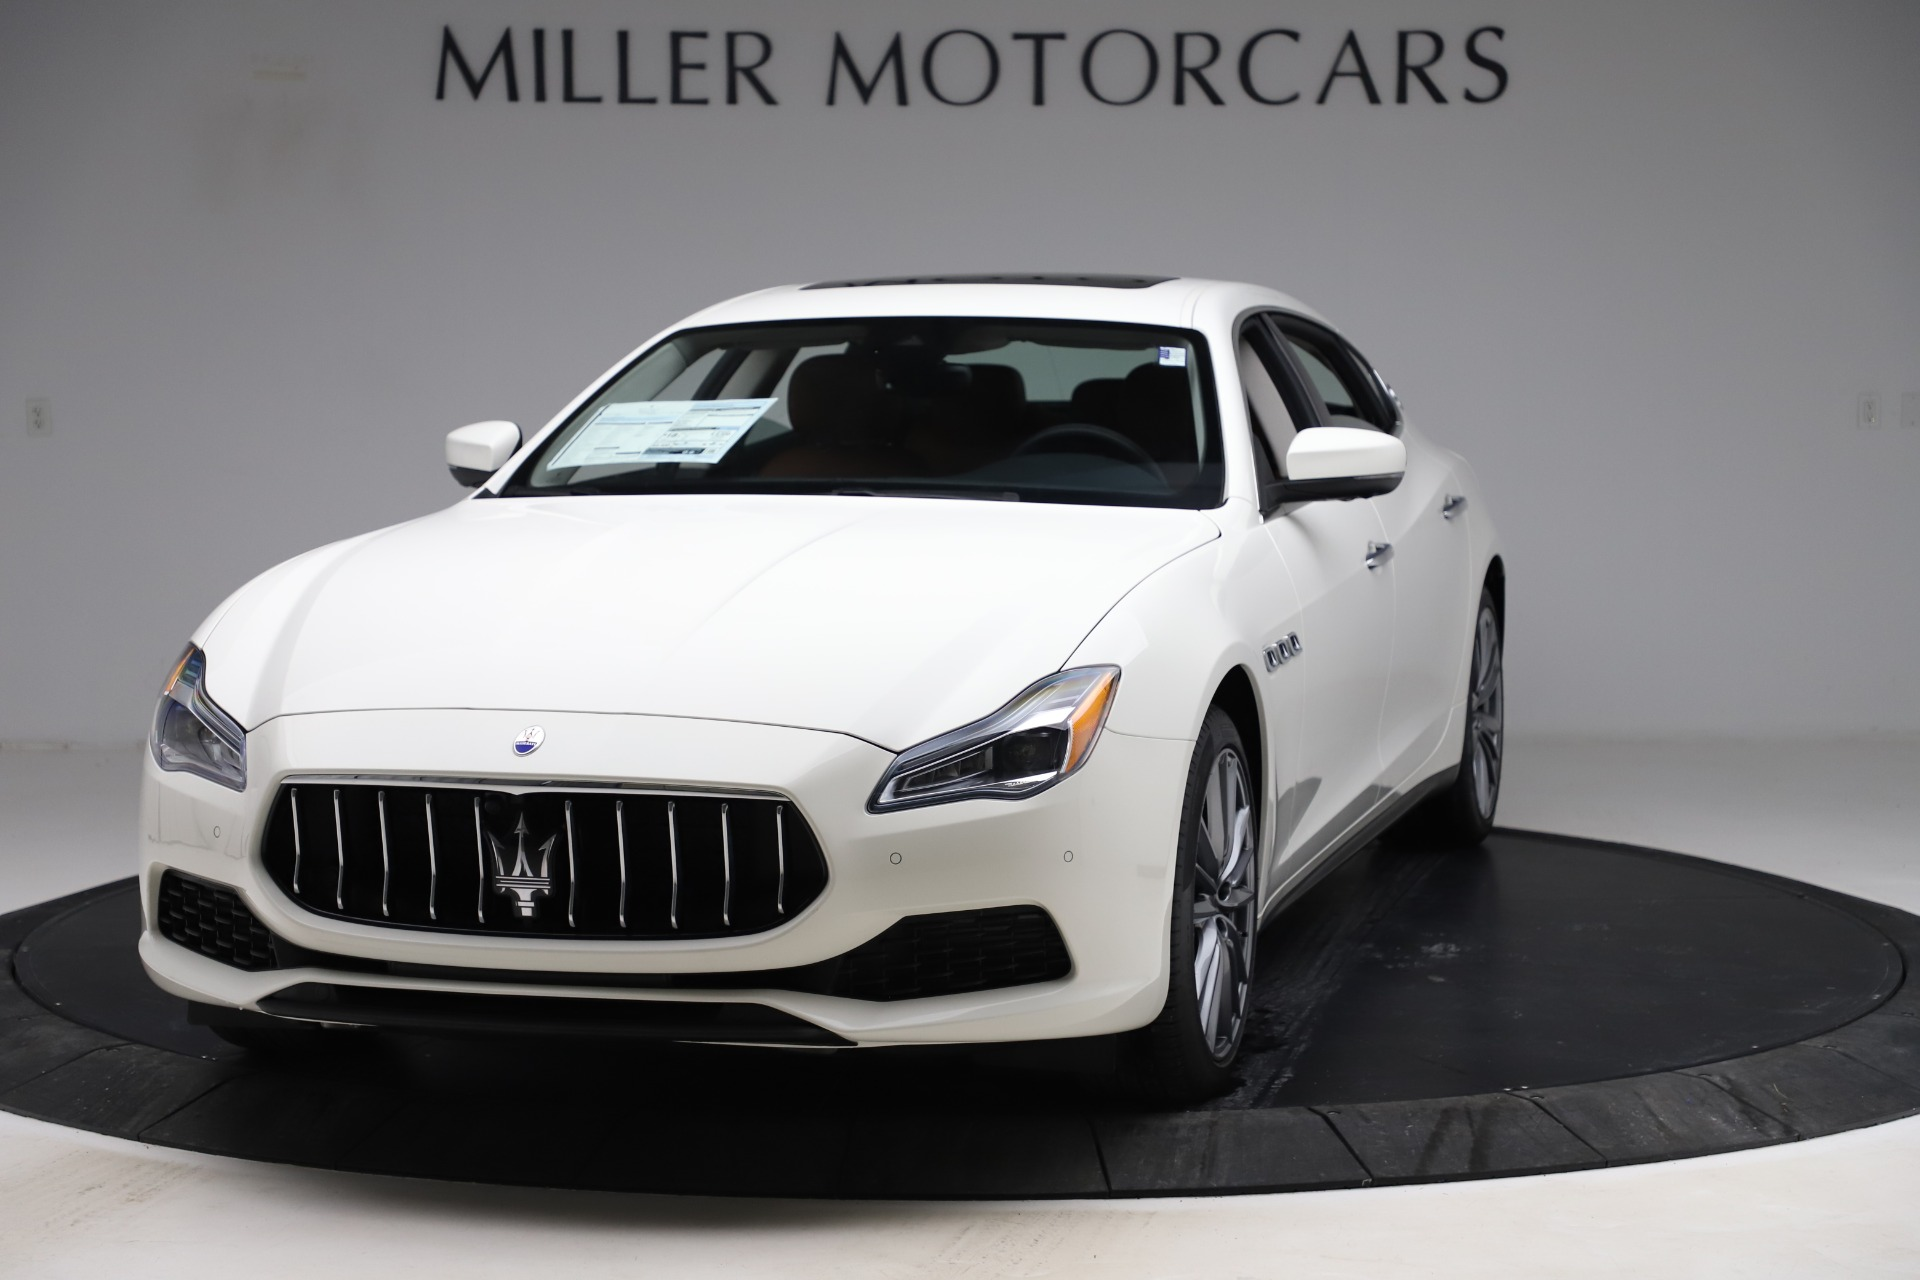 New 2020 Maserati Quattroporte S Q4 for sale $109,895 at McLaren Greenwich in Greenwich CT 06830 1